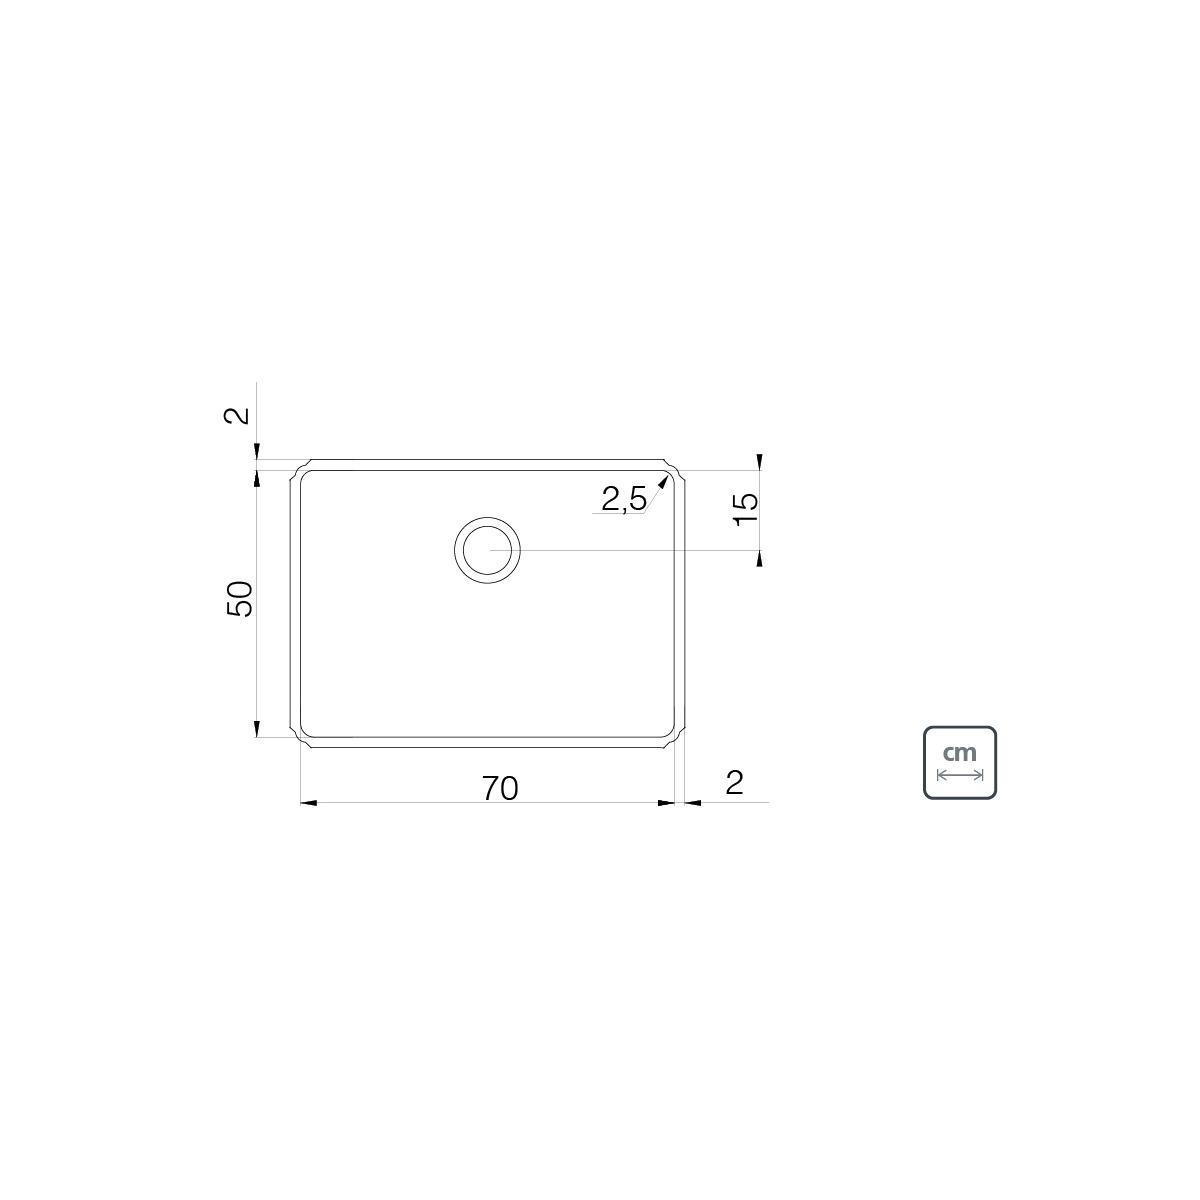 Tanque de Embutir Tramontina Jumbo 106 L em Aço Inox 70 x 50 cm